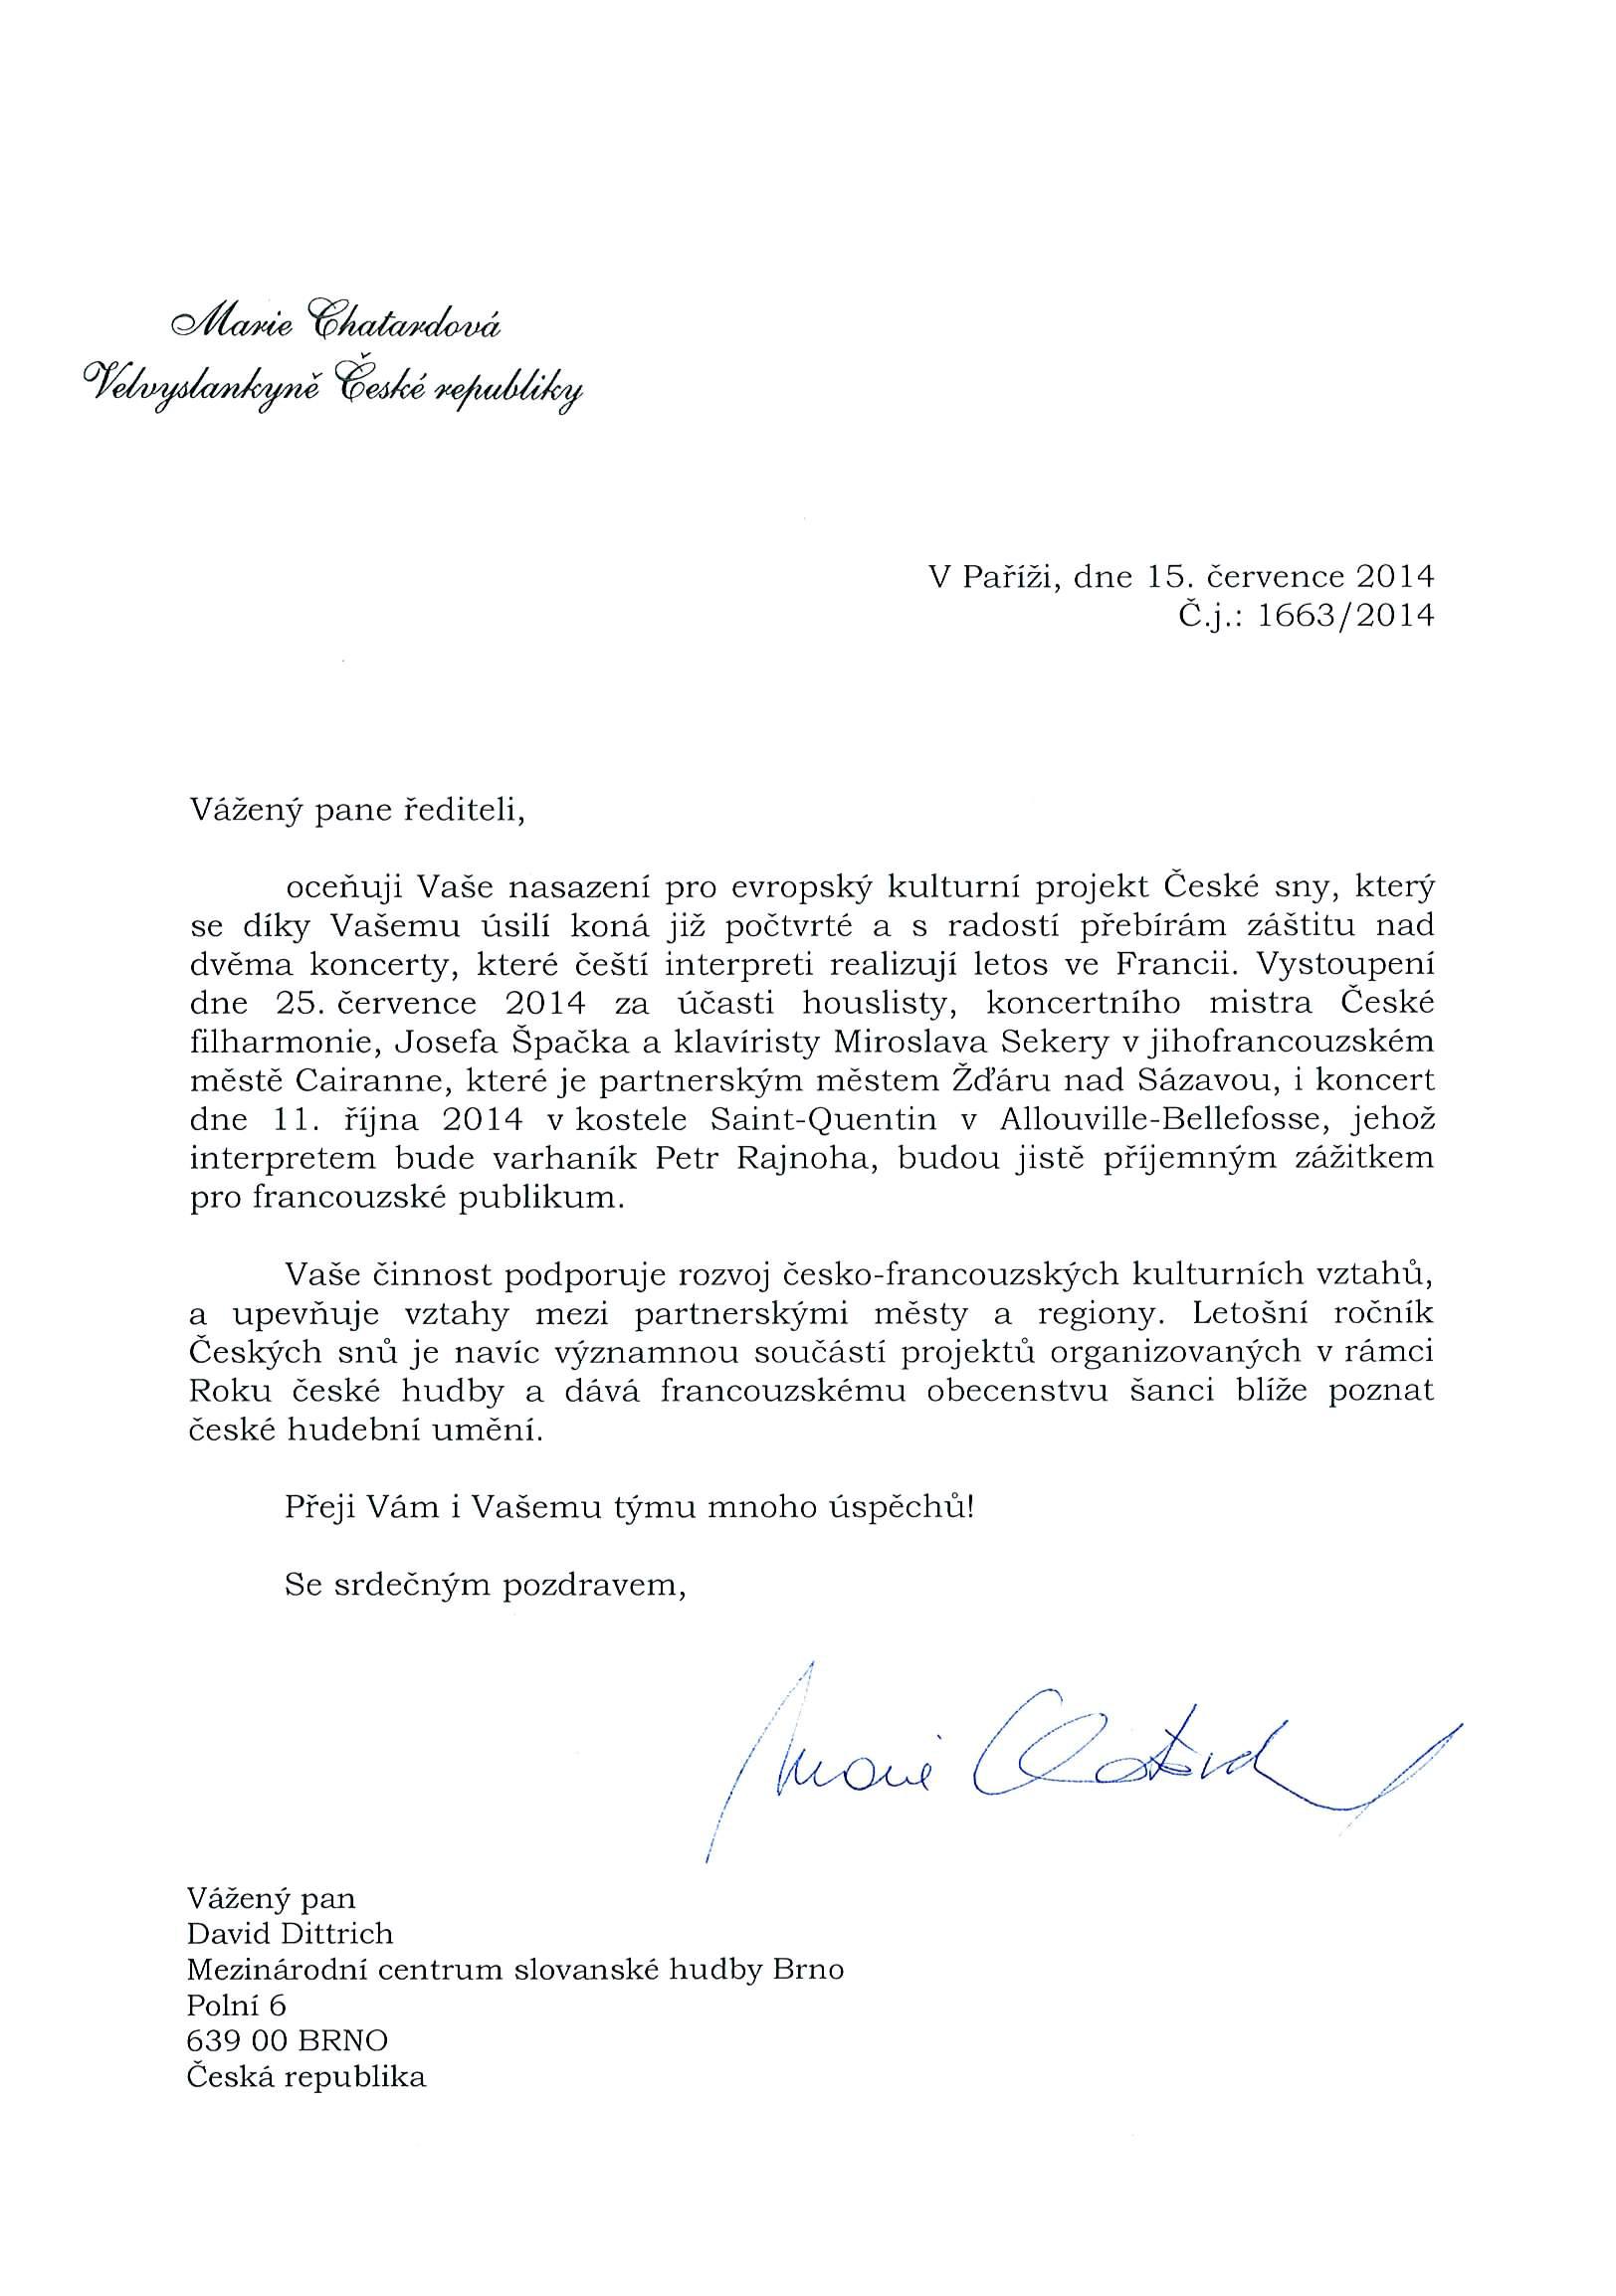 velvyslanec ČR ve Francii